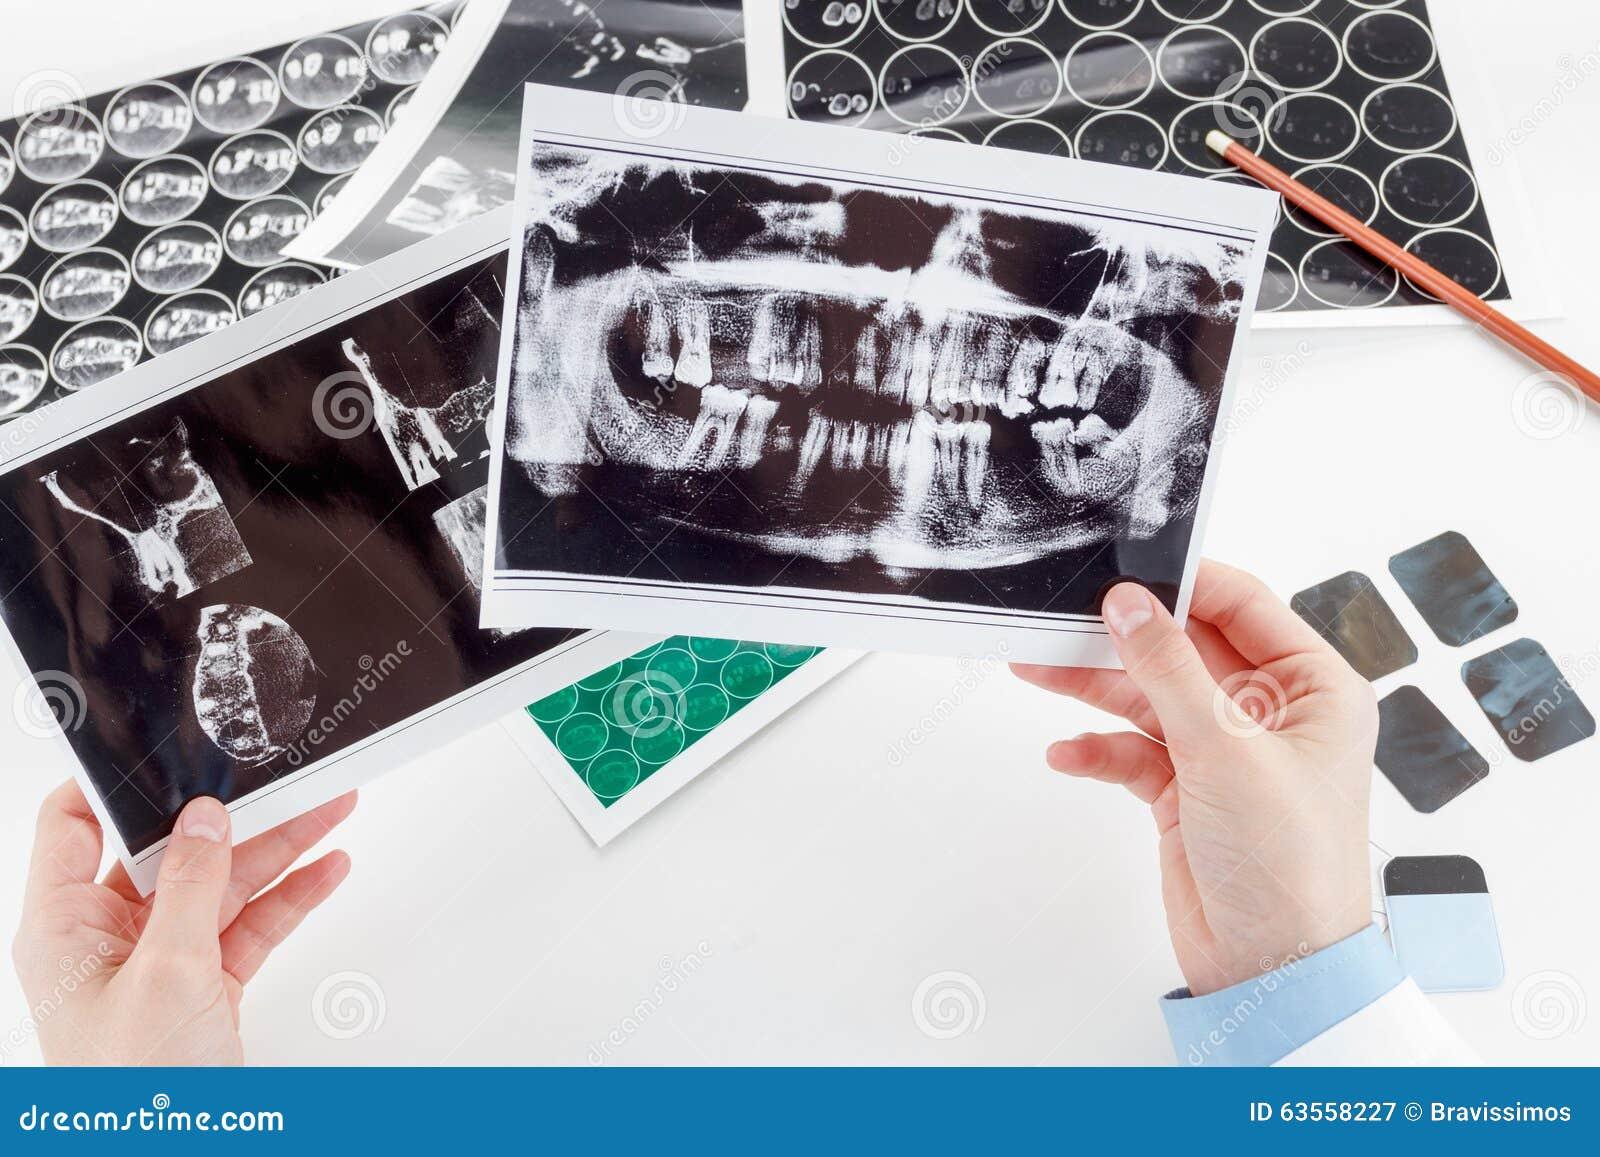 Radiografía Dental Panorámica A Disposición Imagen de archivo ...